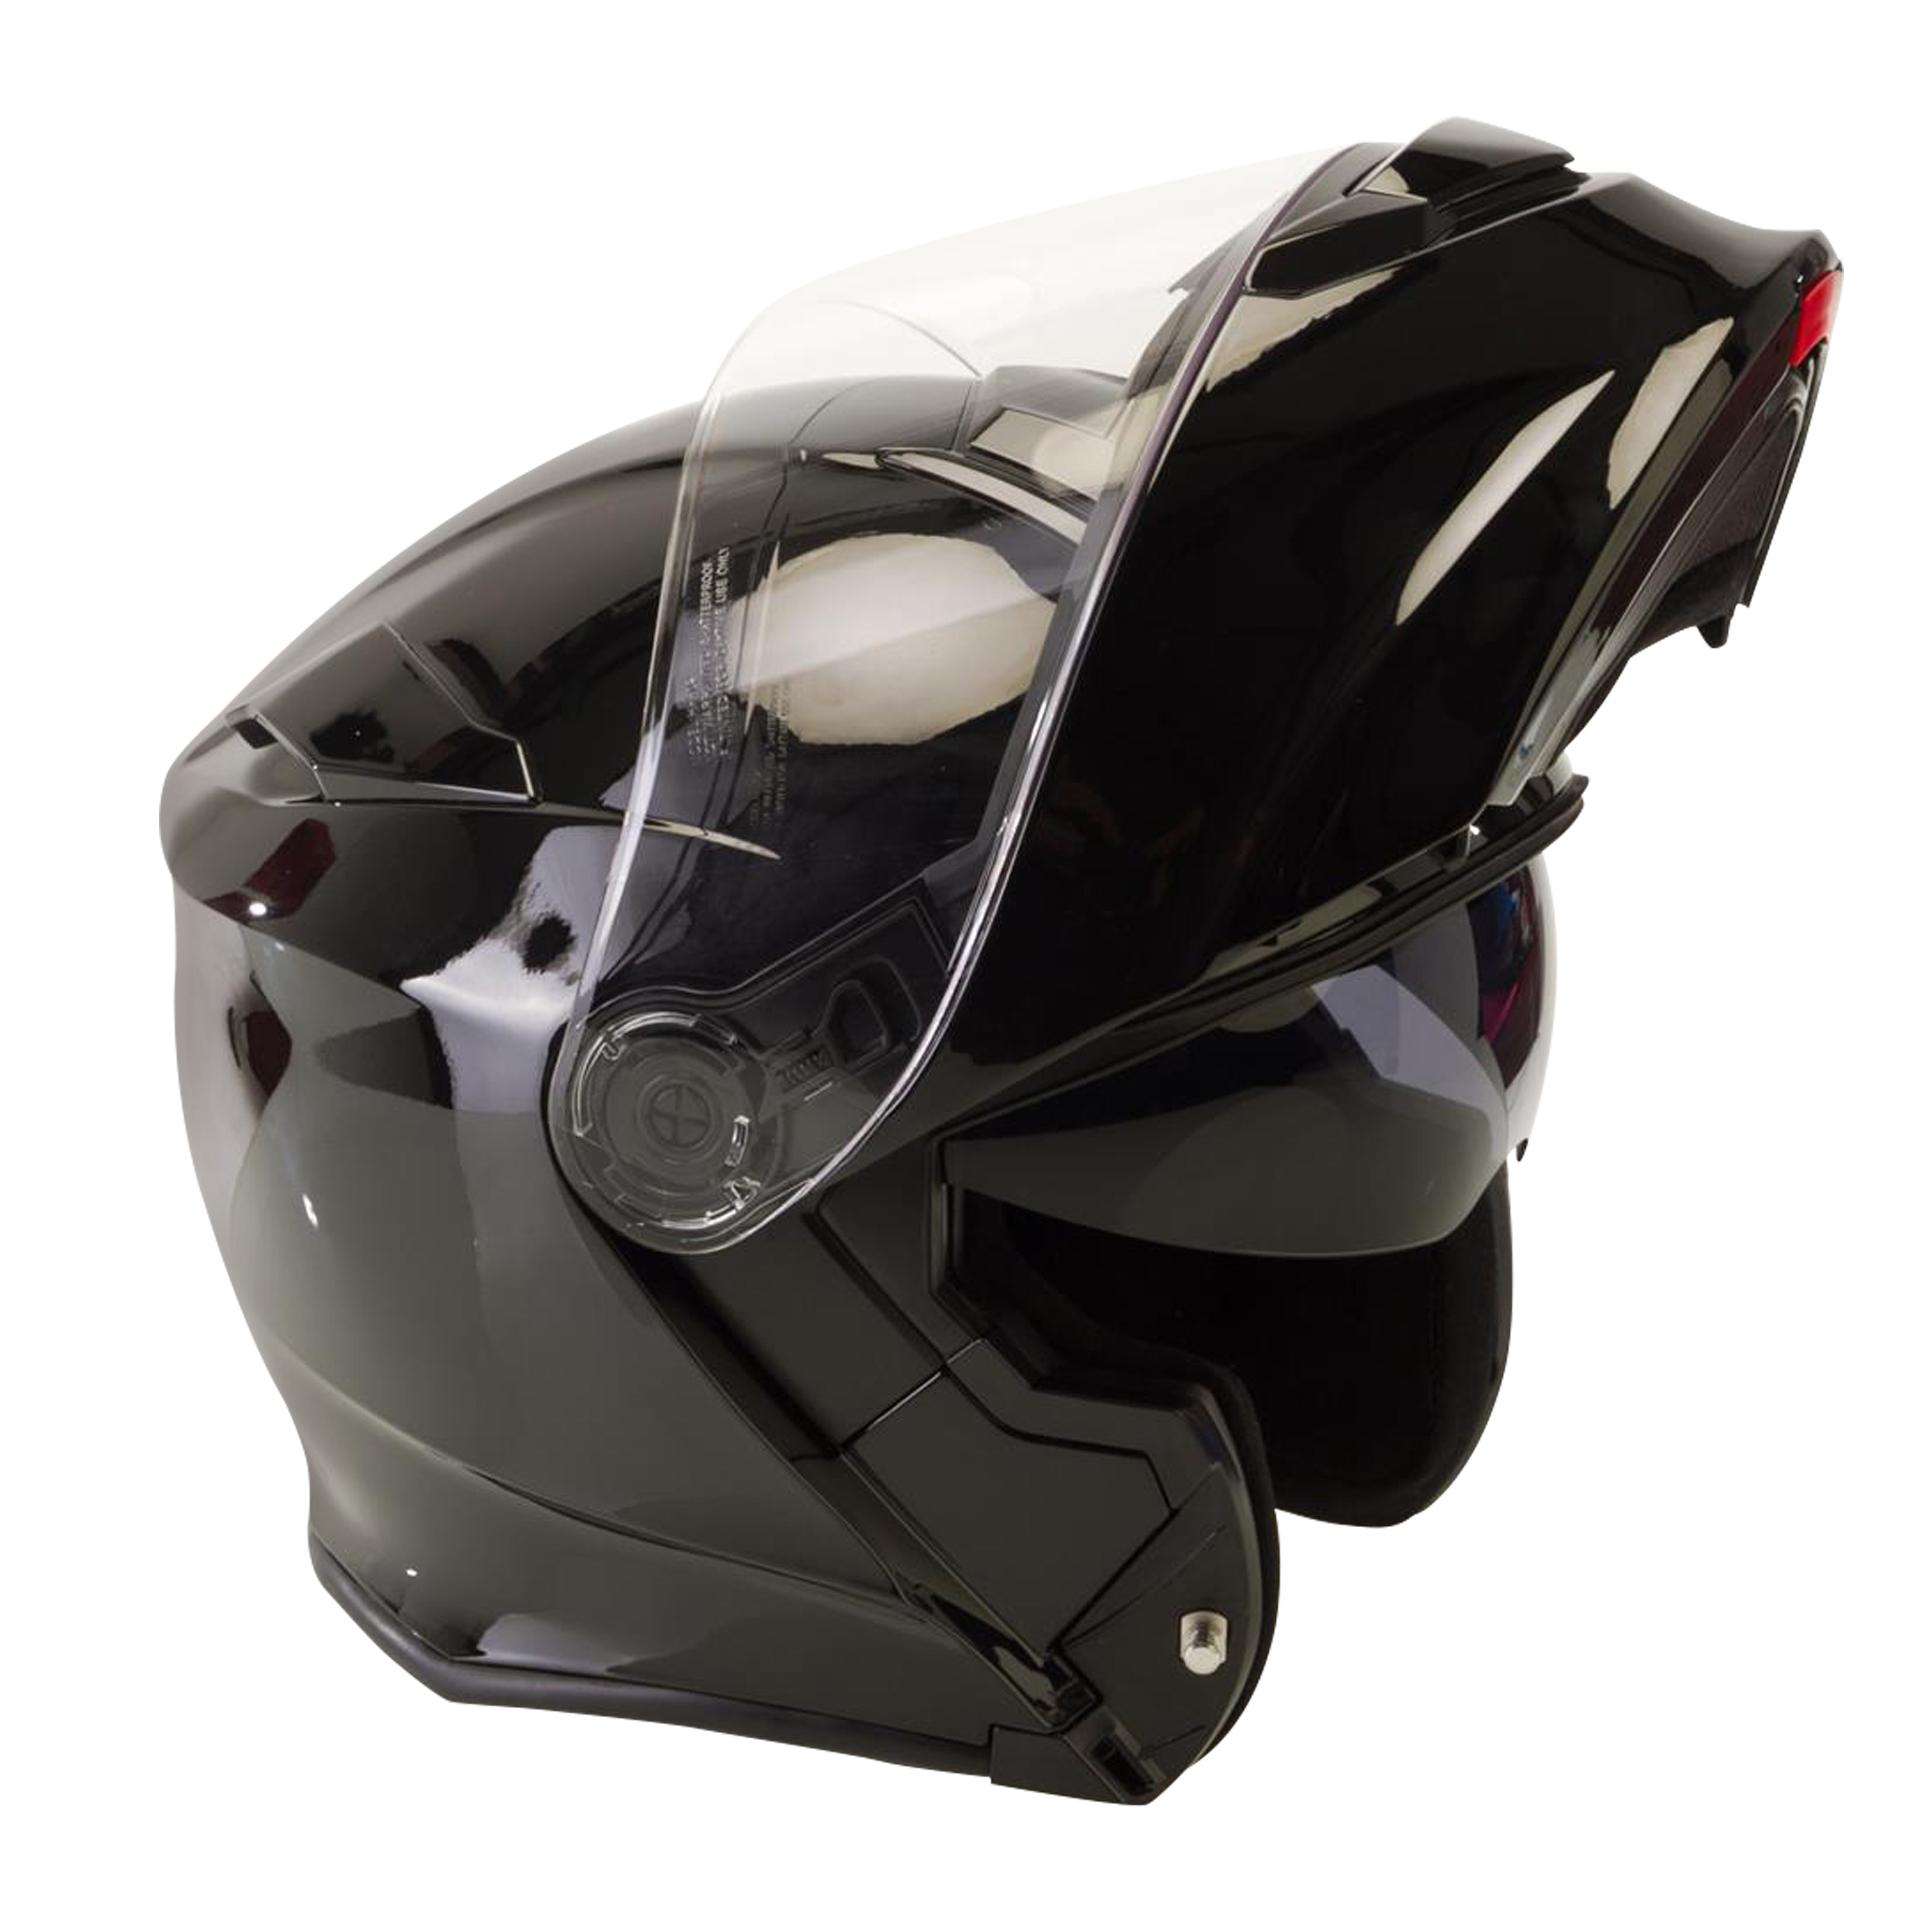 viper rsv8s motorradhelm klapphelm sturzhelm doppelvisier. Black Bedroom Furniture Sets. Home Design Ideas